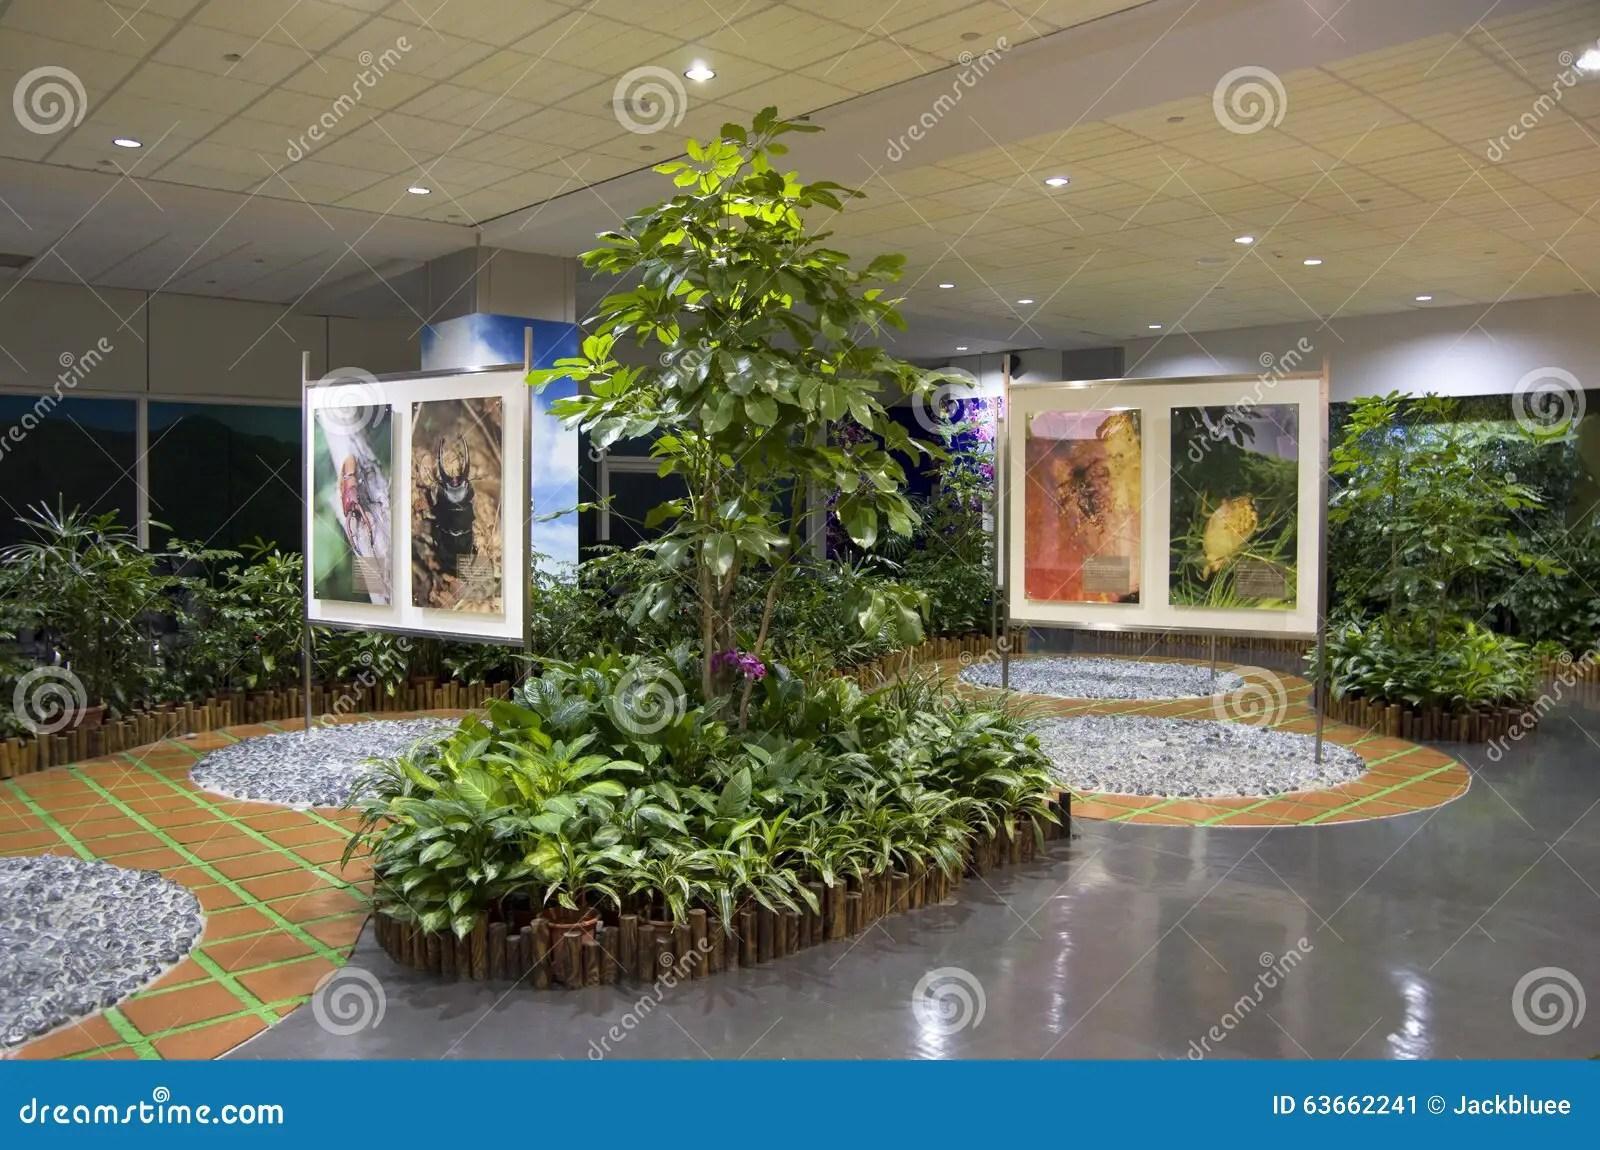 Idee Di Interior Design  Giardino Della Sala Di Attesa Dellaeroporto Fotografia Editoriale